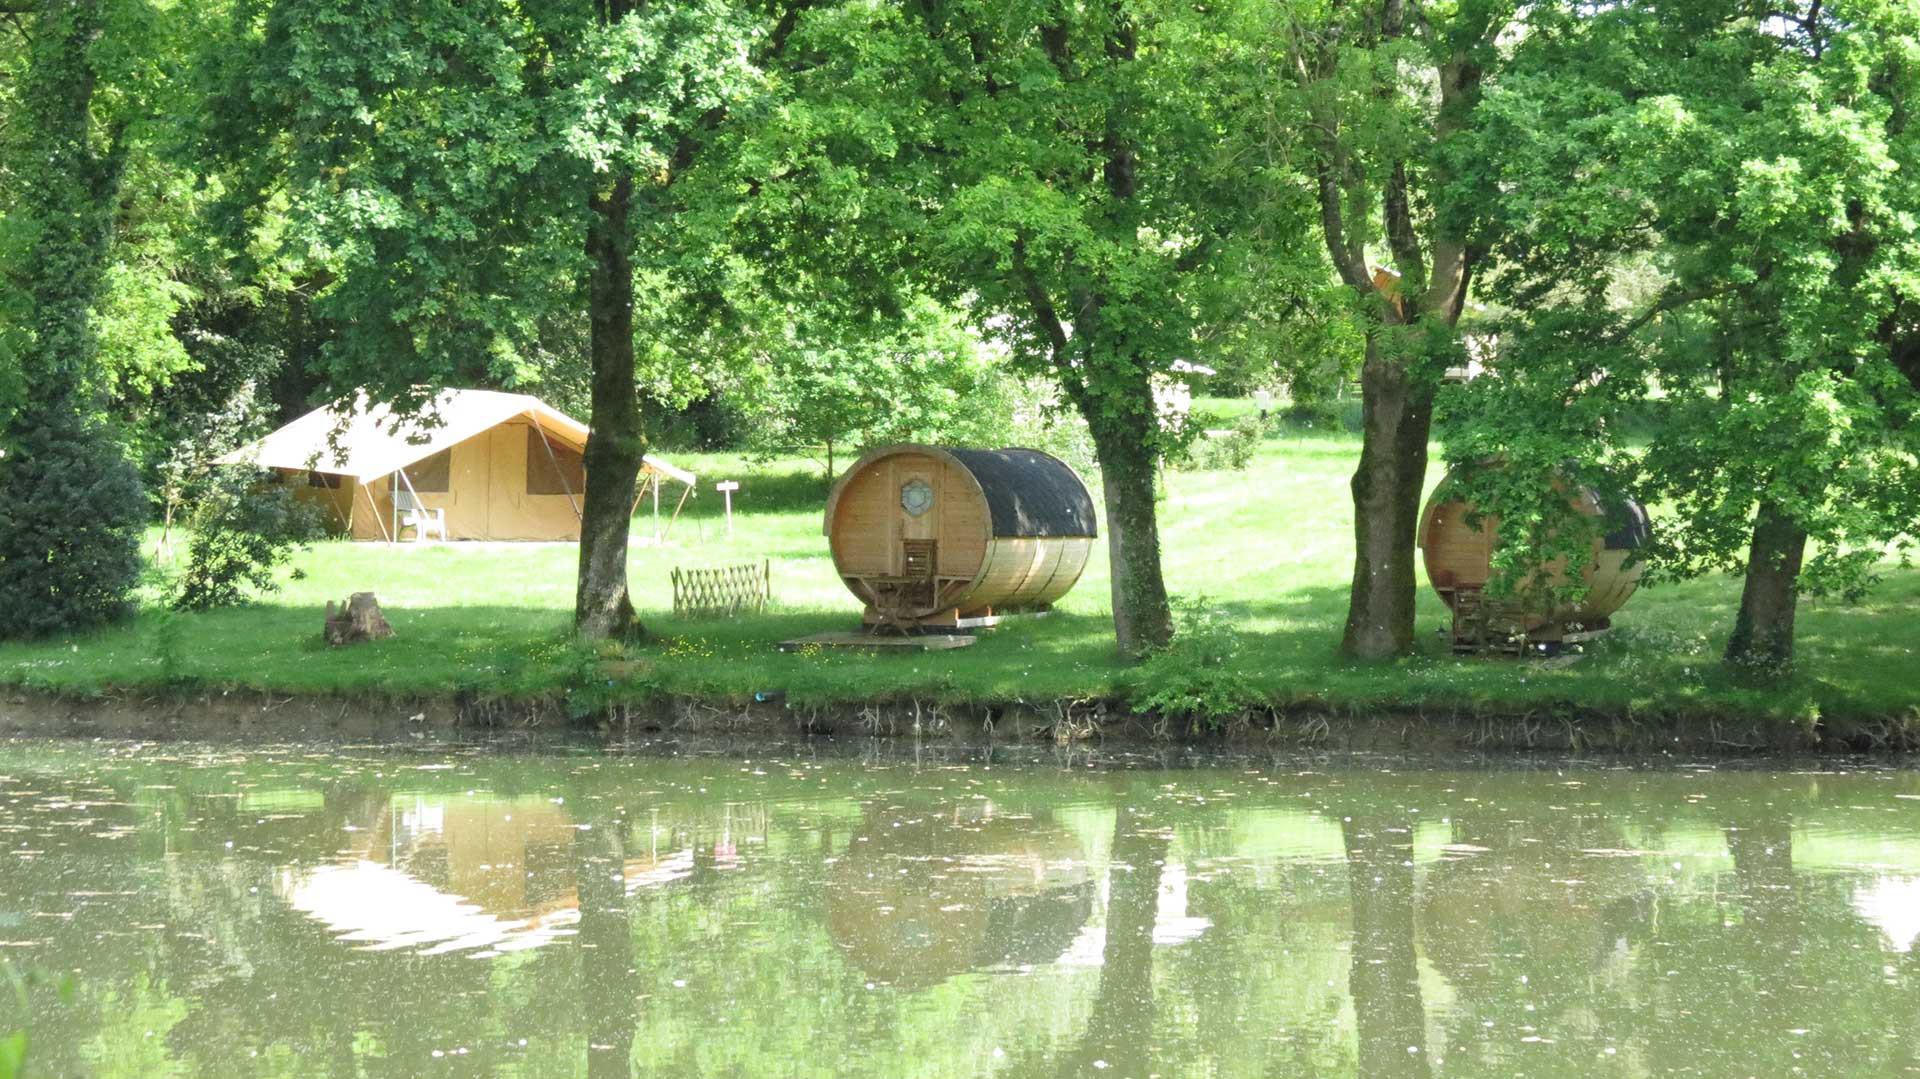 Camping Aire Naturelle l'Etang du Puy Saint-Mars-la-Réorthe